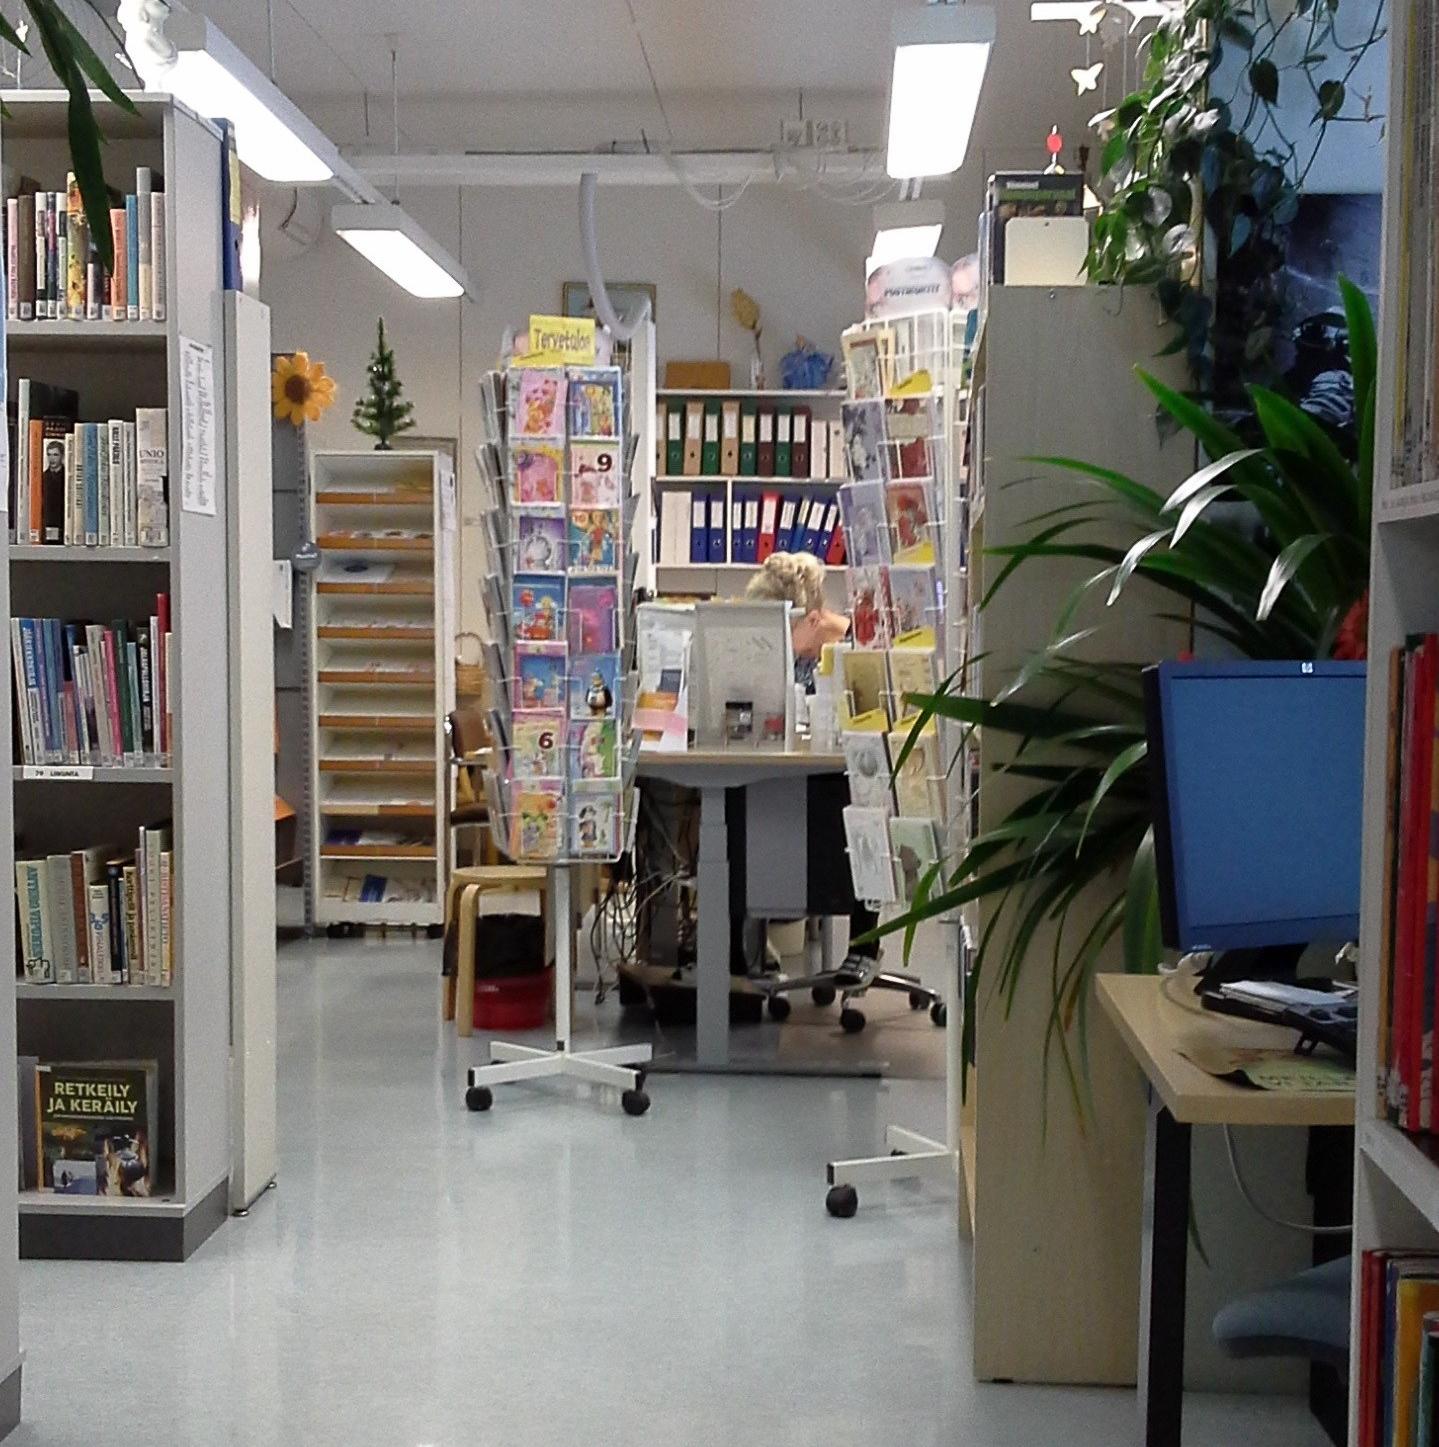 Kirjaston yhteydessä toimivassa yhteispalvelupisteessä on mm. Postin myyntipiste ja Kangaslammin liikuntatalon varauspalvelut. Pisteelle on oma asiakassisäänkäynti. Tiskin takana palvelusihteeri Eija Ruuskanen.